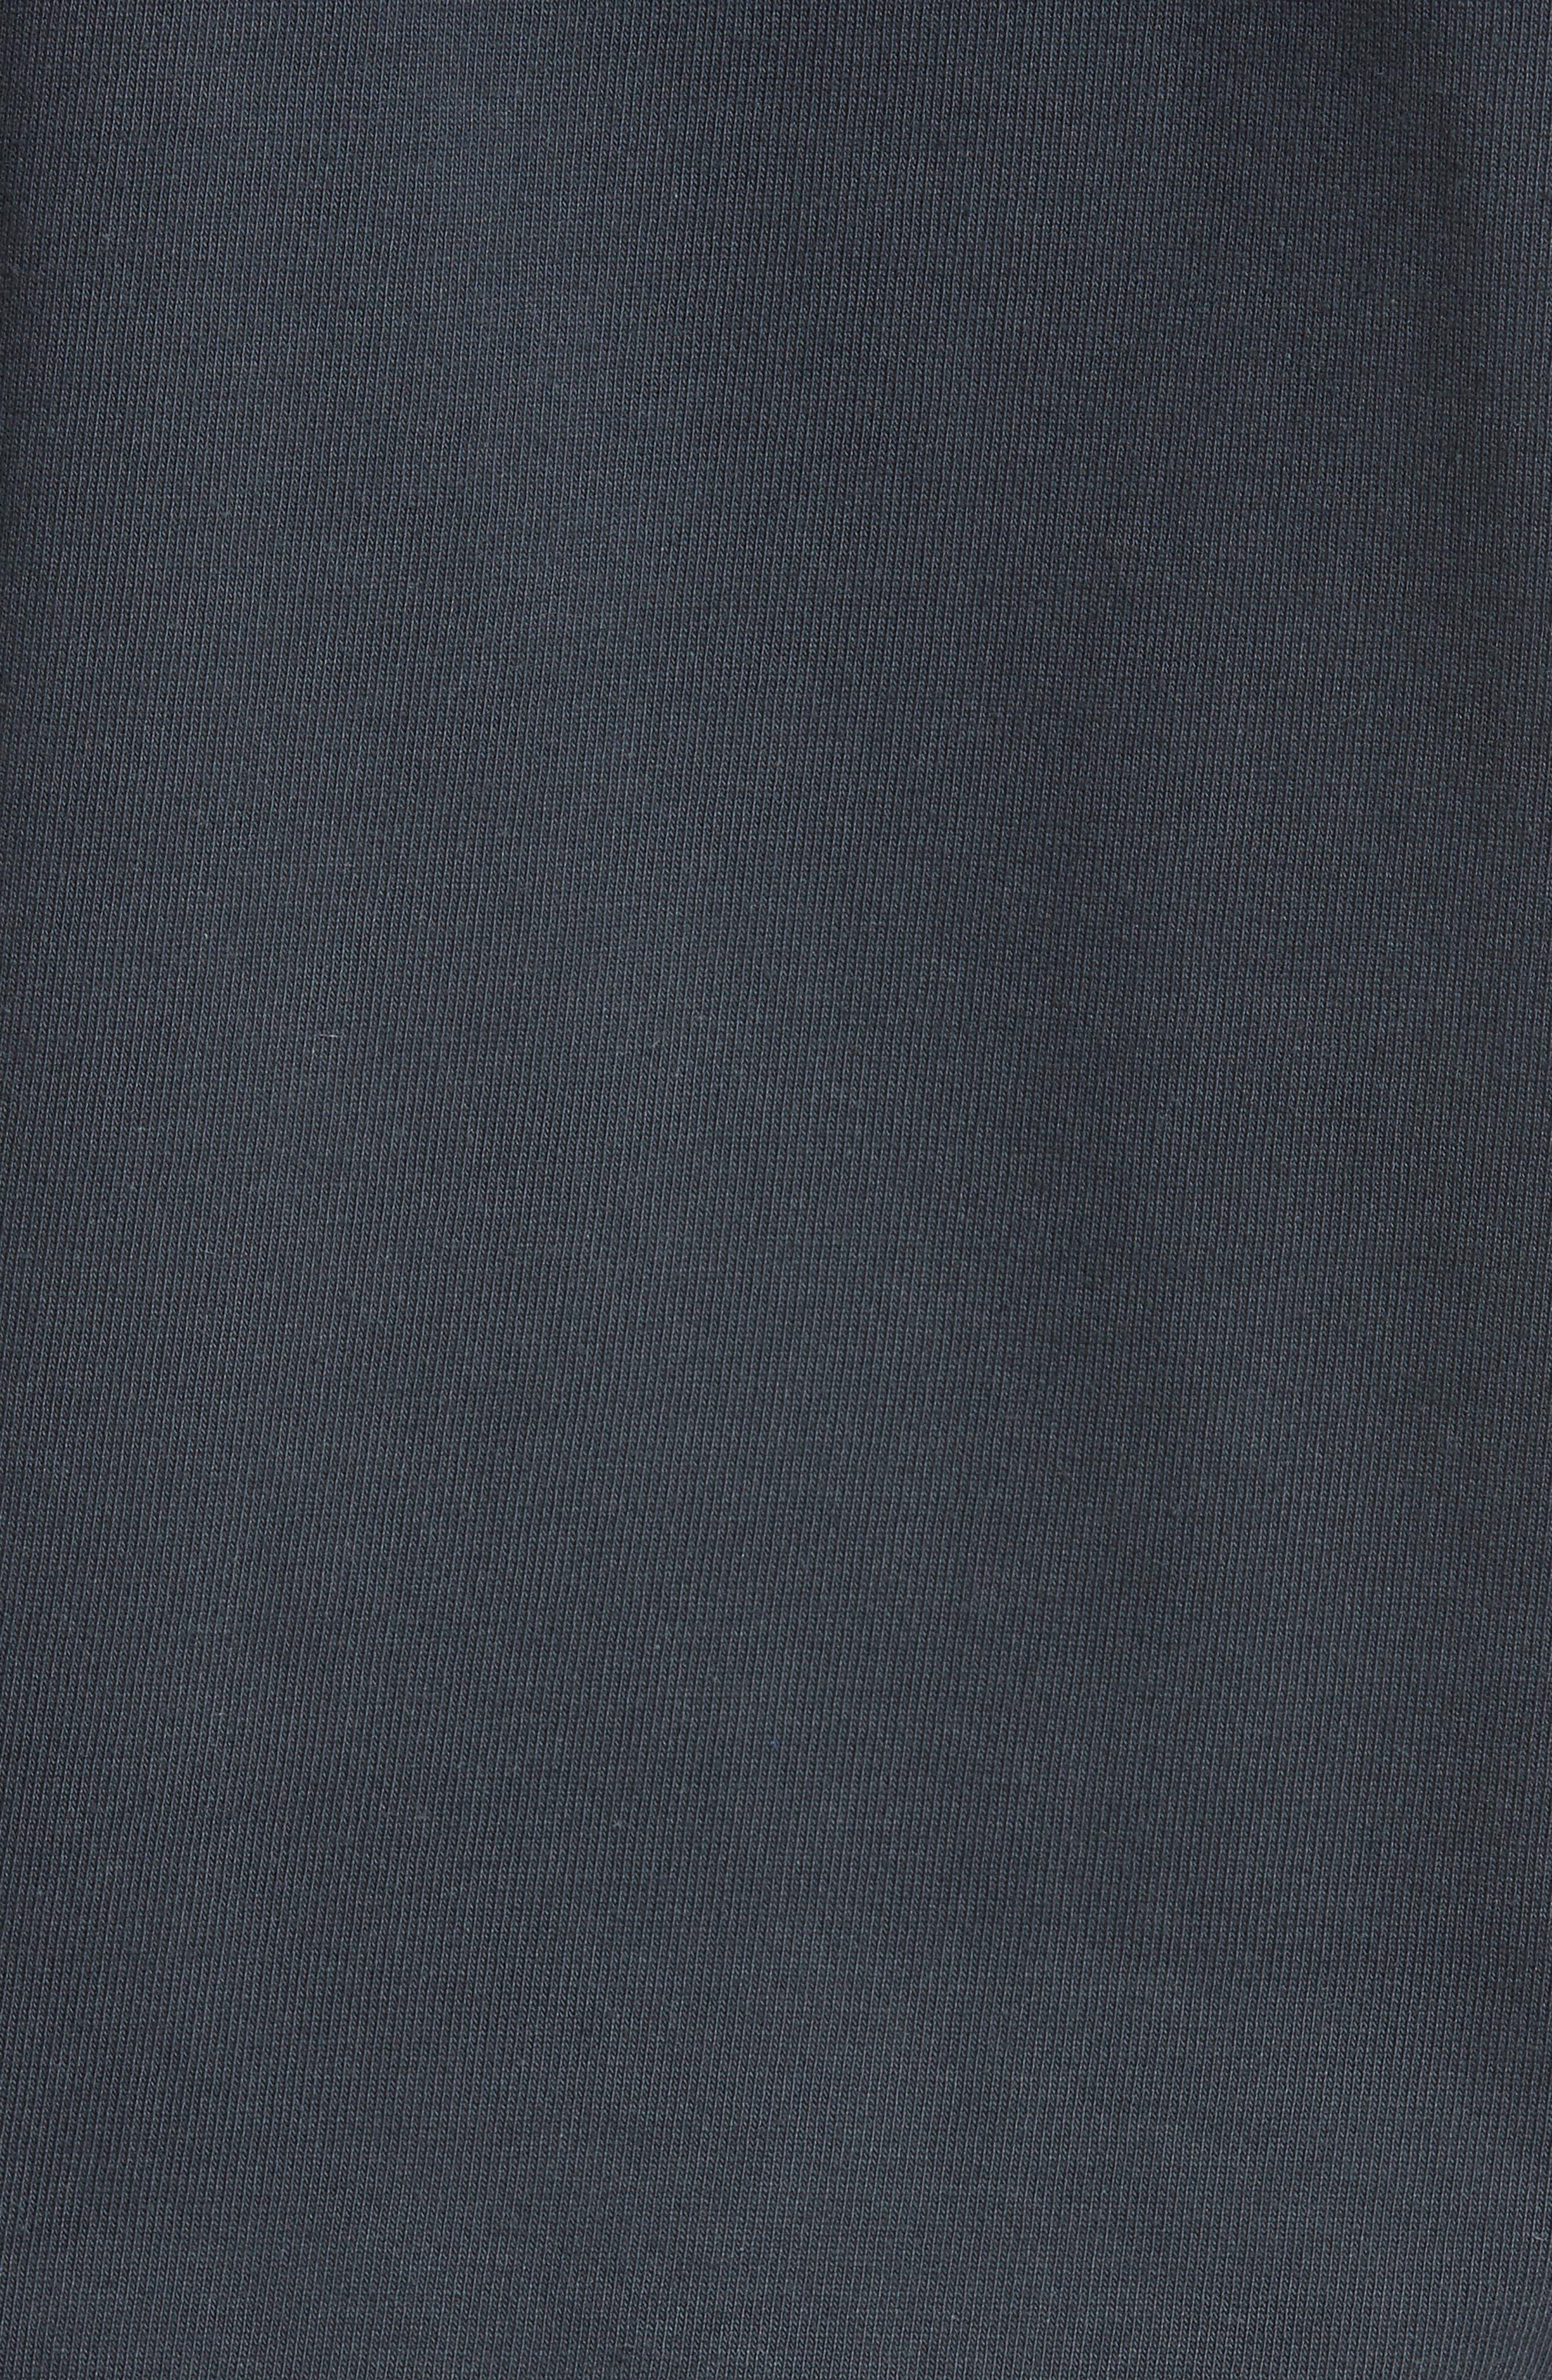 Brody Hooded Sweatshirt,                             Alternate thumbnail 5, color,                             Grey